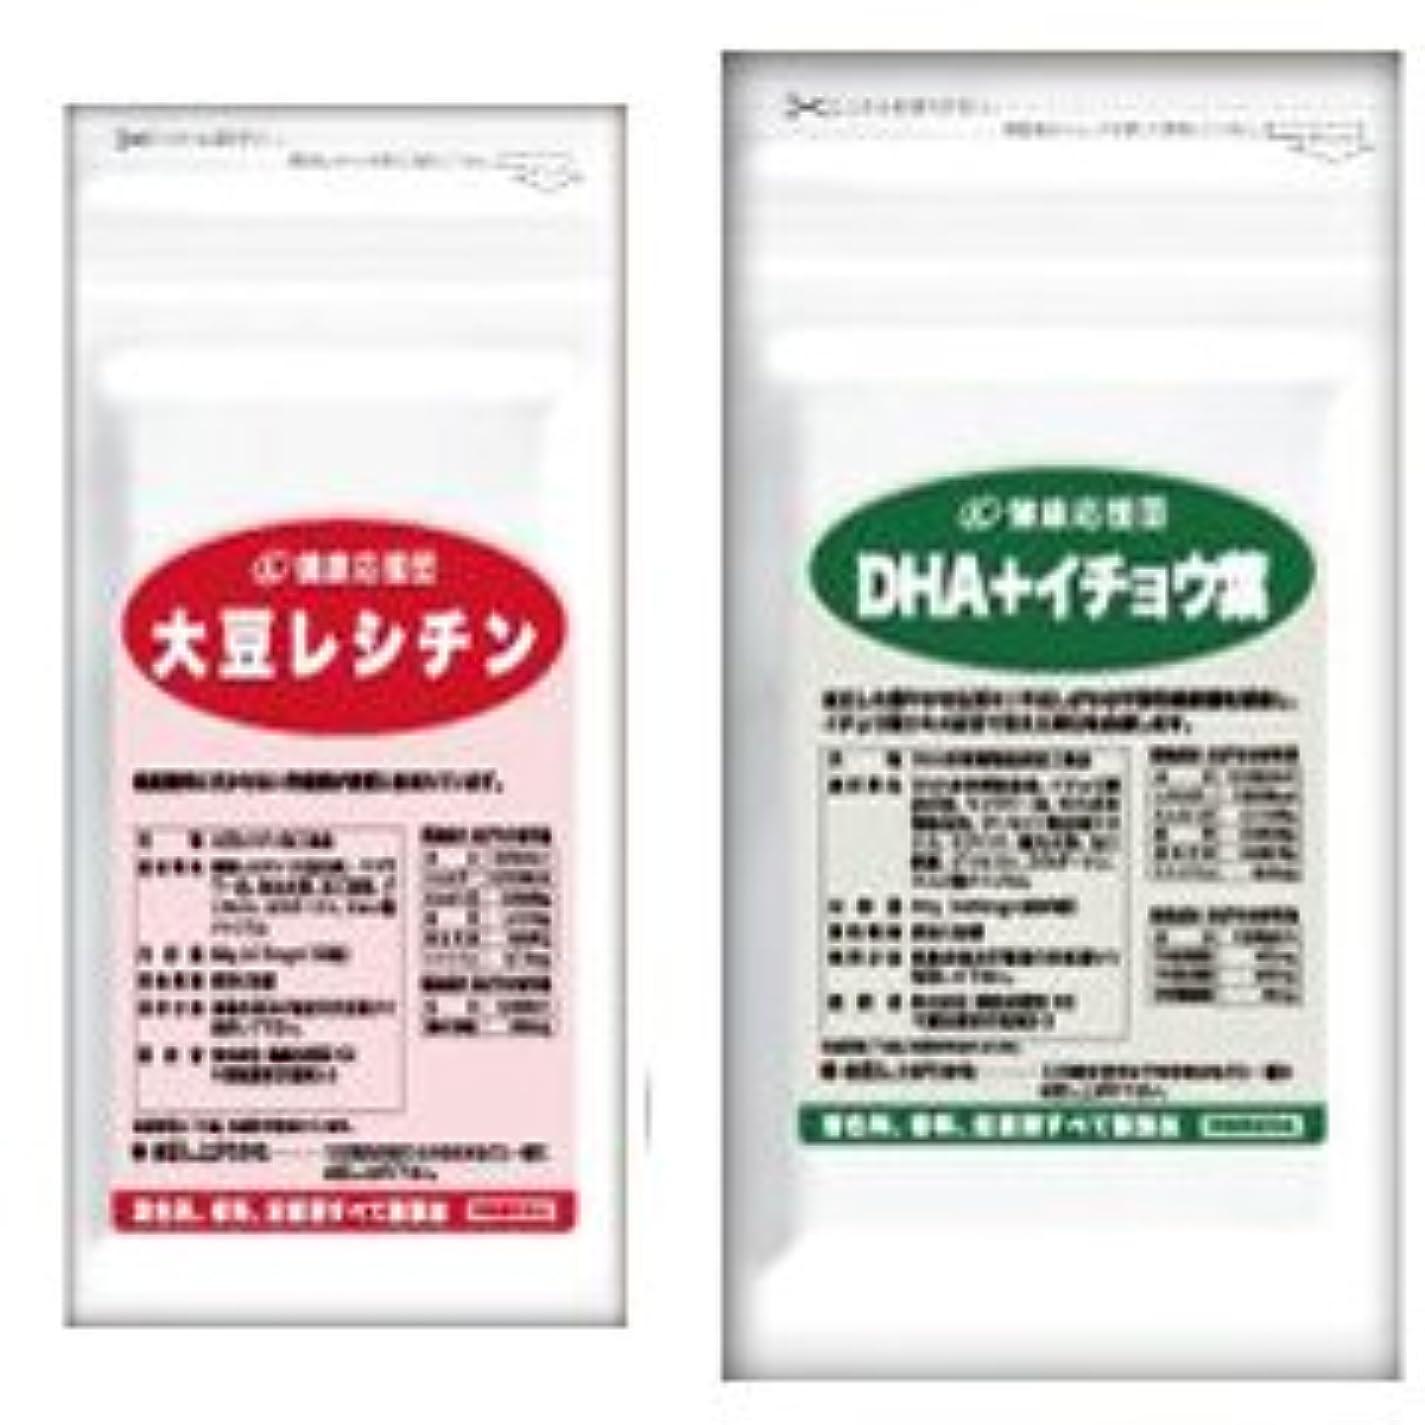 高価なアンペア歴史流れサラサラセット 大豆レシチン+(DHA?EPA+イチョウ葉) お徳用12か月分